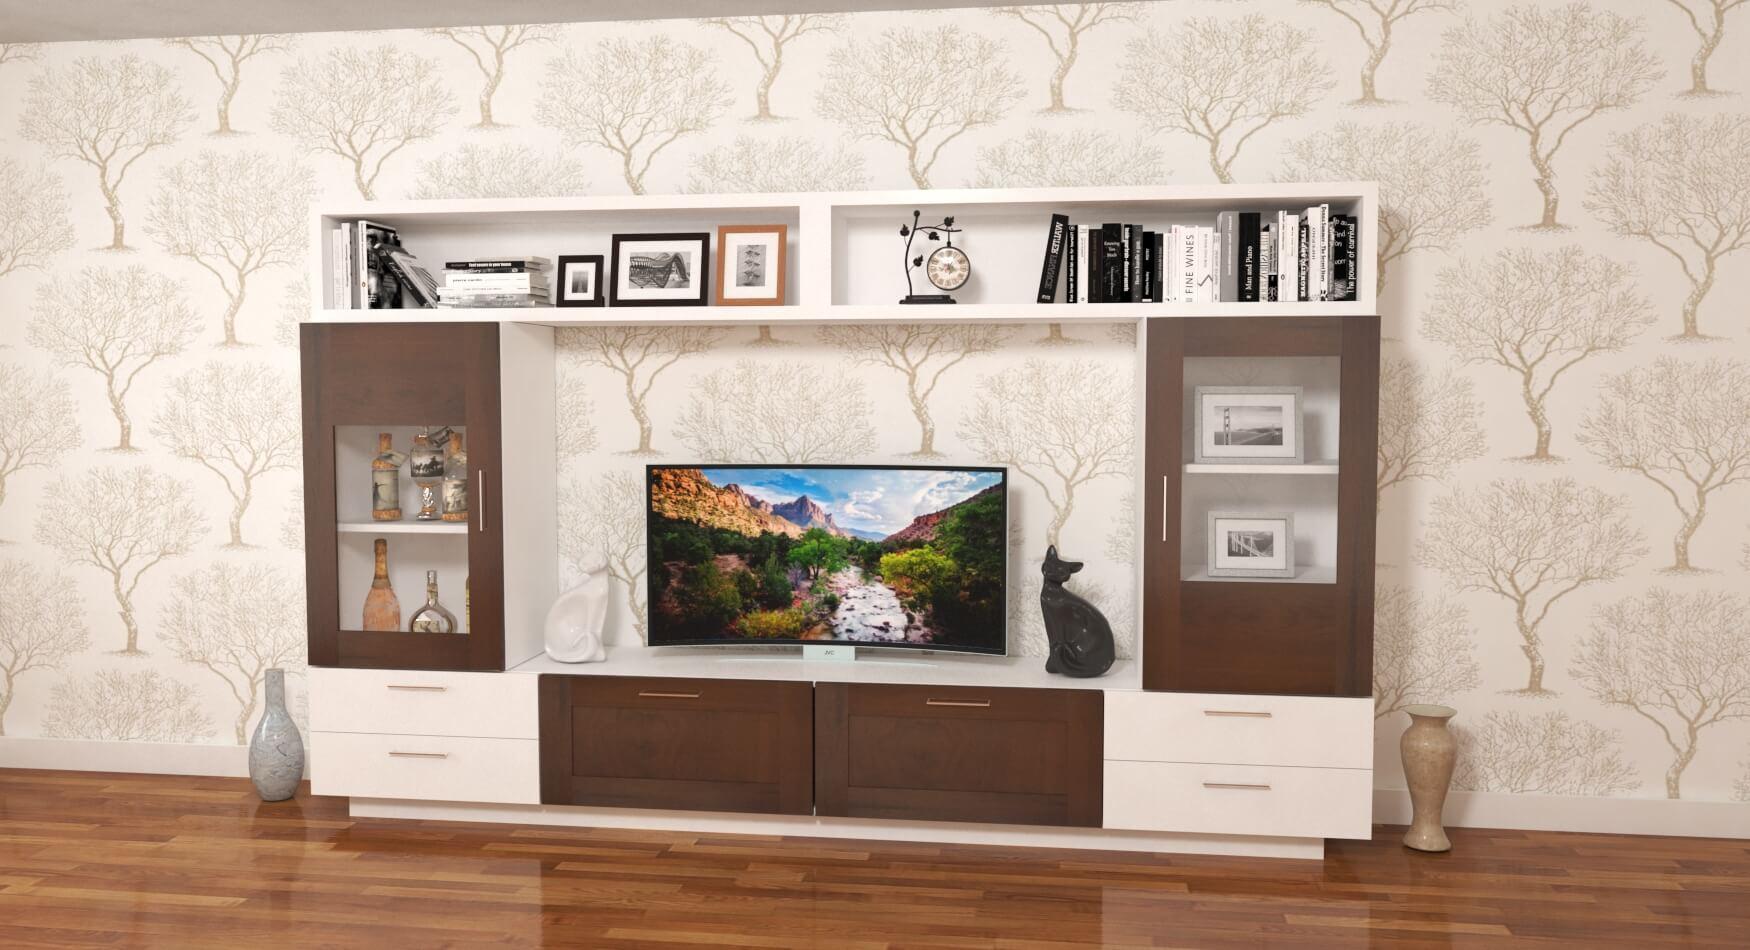 Salón modelo MODERNO ORION - Ref. 0879